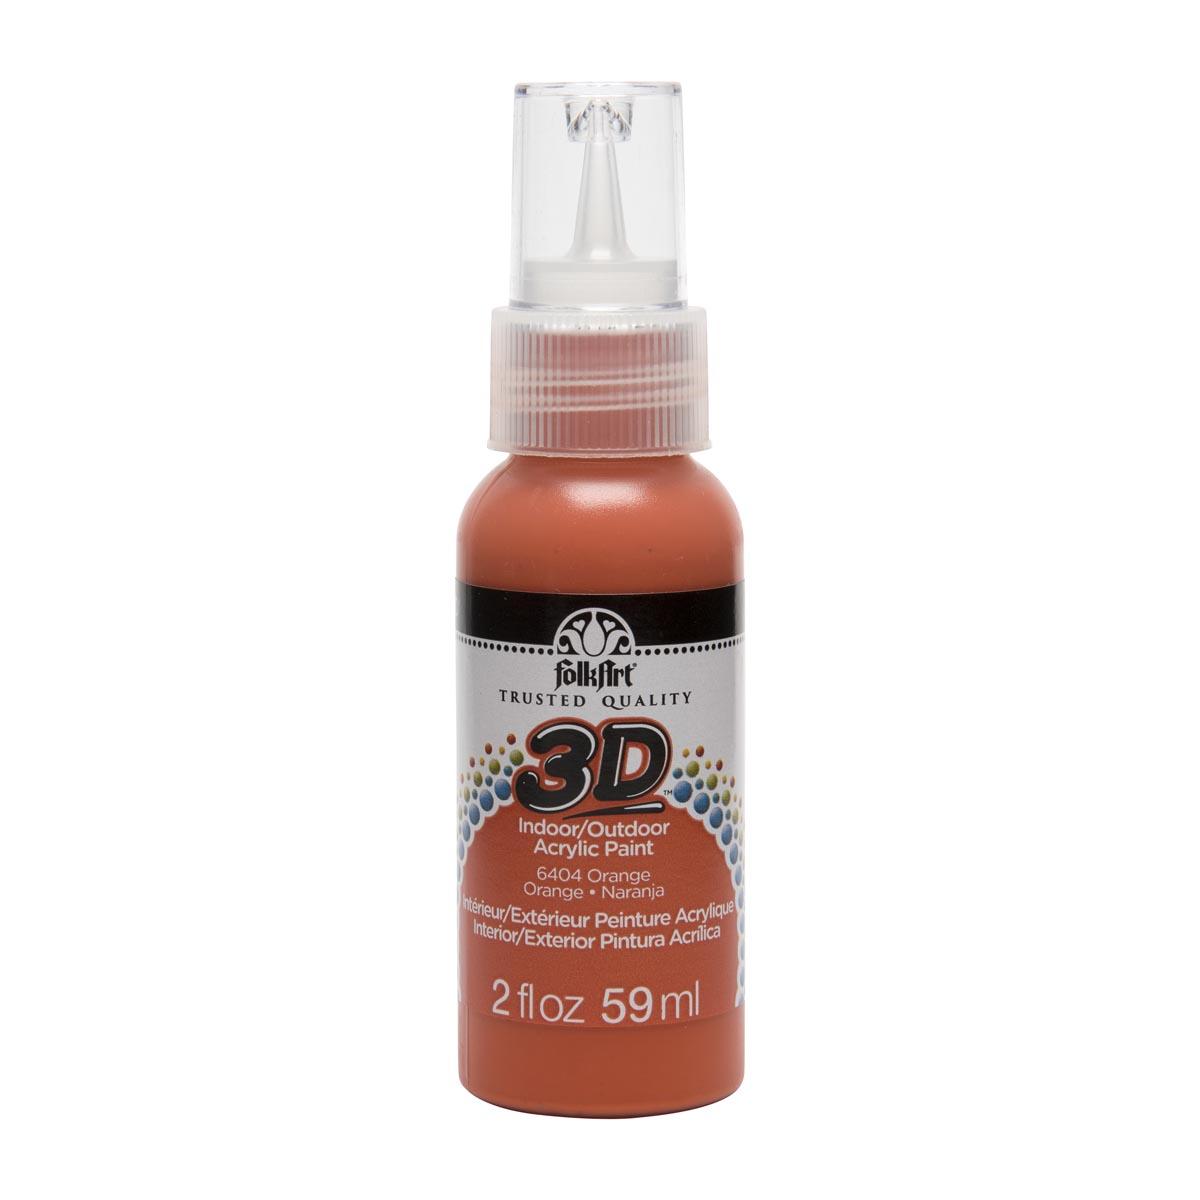 FolkArt ® 3D™ Acrylic Paint - Orange, 2 oz.